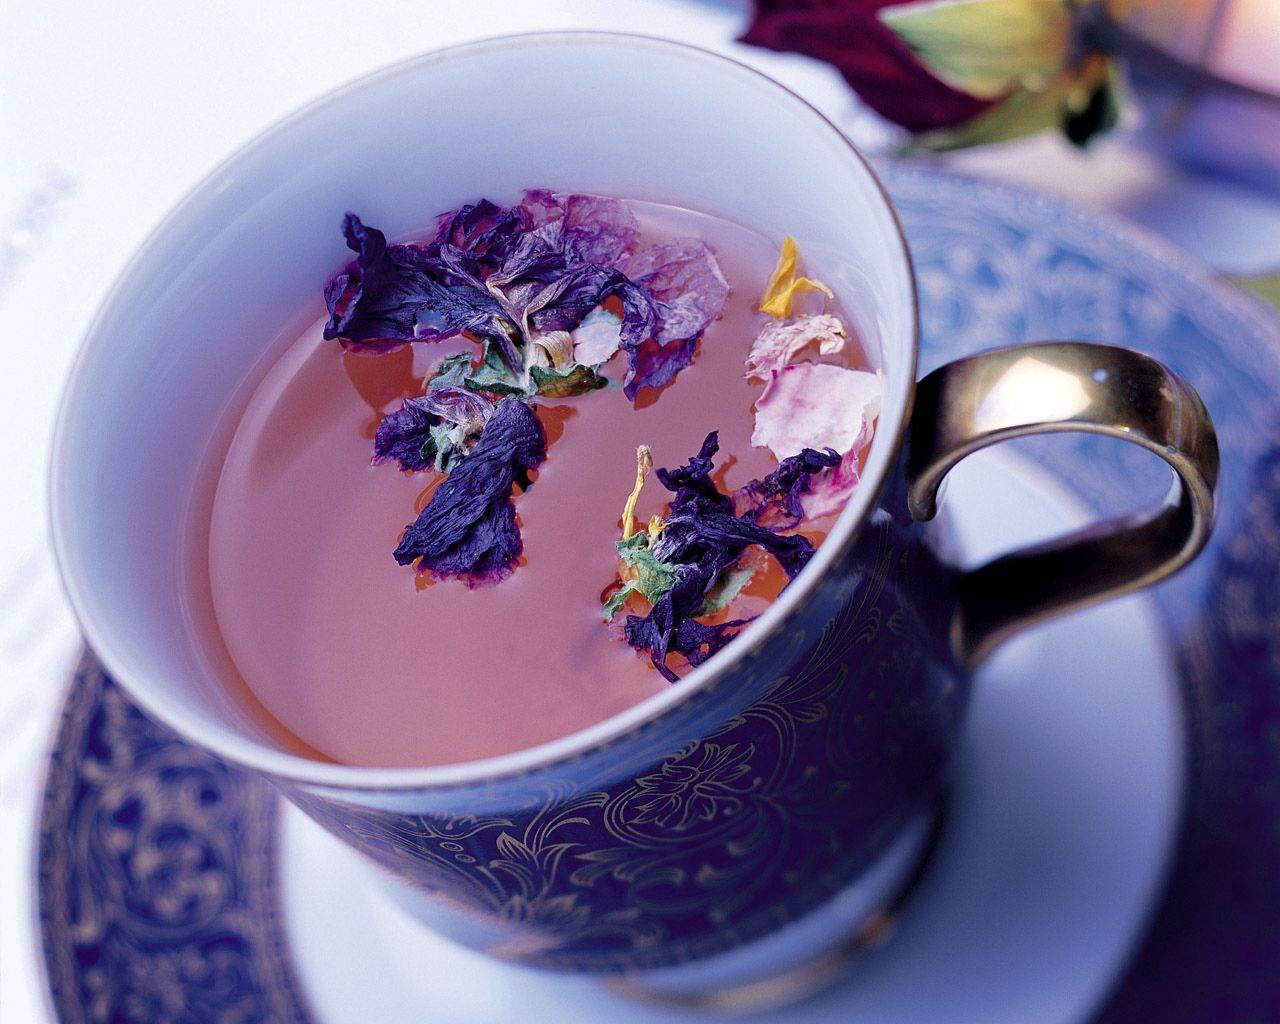 93288 Hintergrundbild herunterladen Blumen, Lebensmittel, Getränke, Eine Tasse, Tasse, Trinken, Tee - Bildschirmschoner und Bilder kostenlos